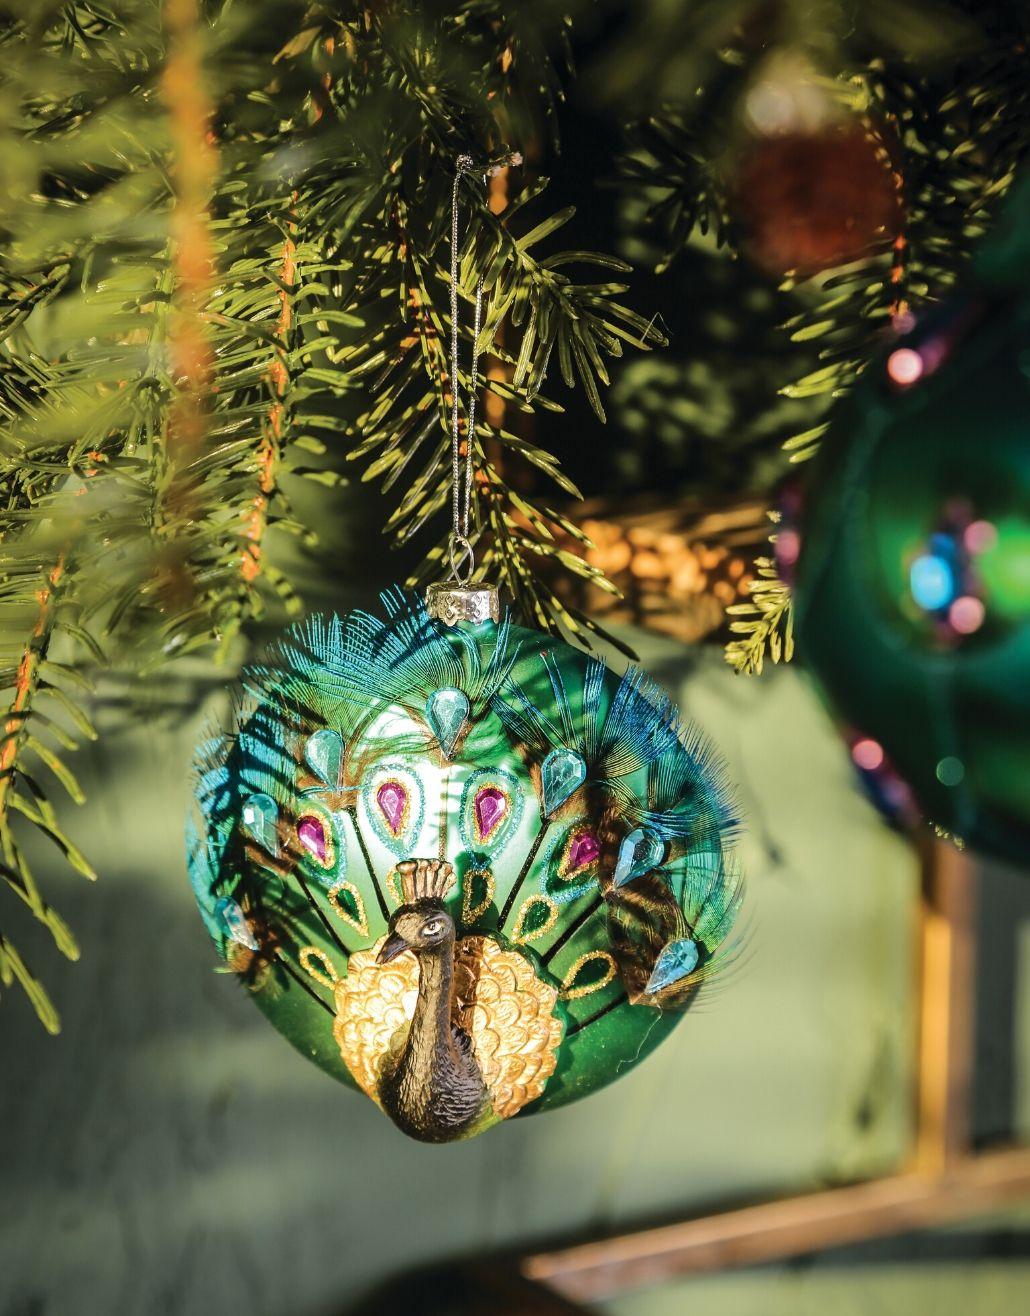 bola de natal para árvore de natal